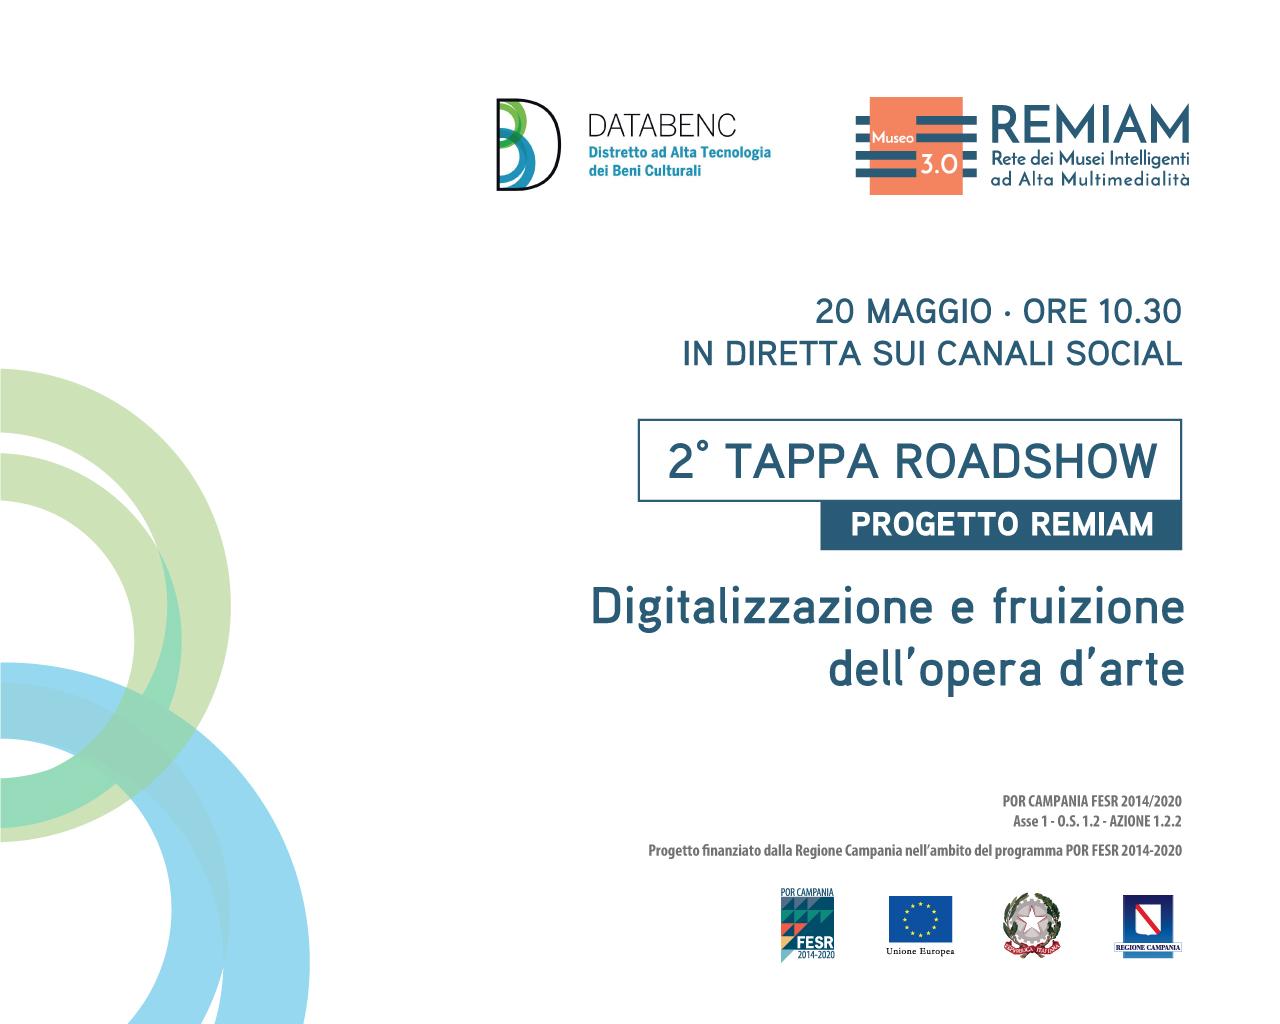 """""""Digitalizzazione e fruizione dell'opera d'arte"""", domani 20 maggio seconda tappa del roadshow del progetto REMIAM"""""""